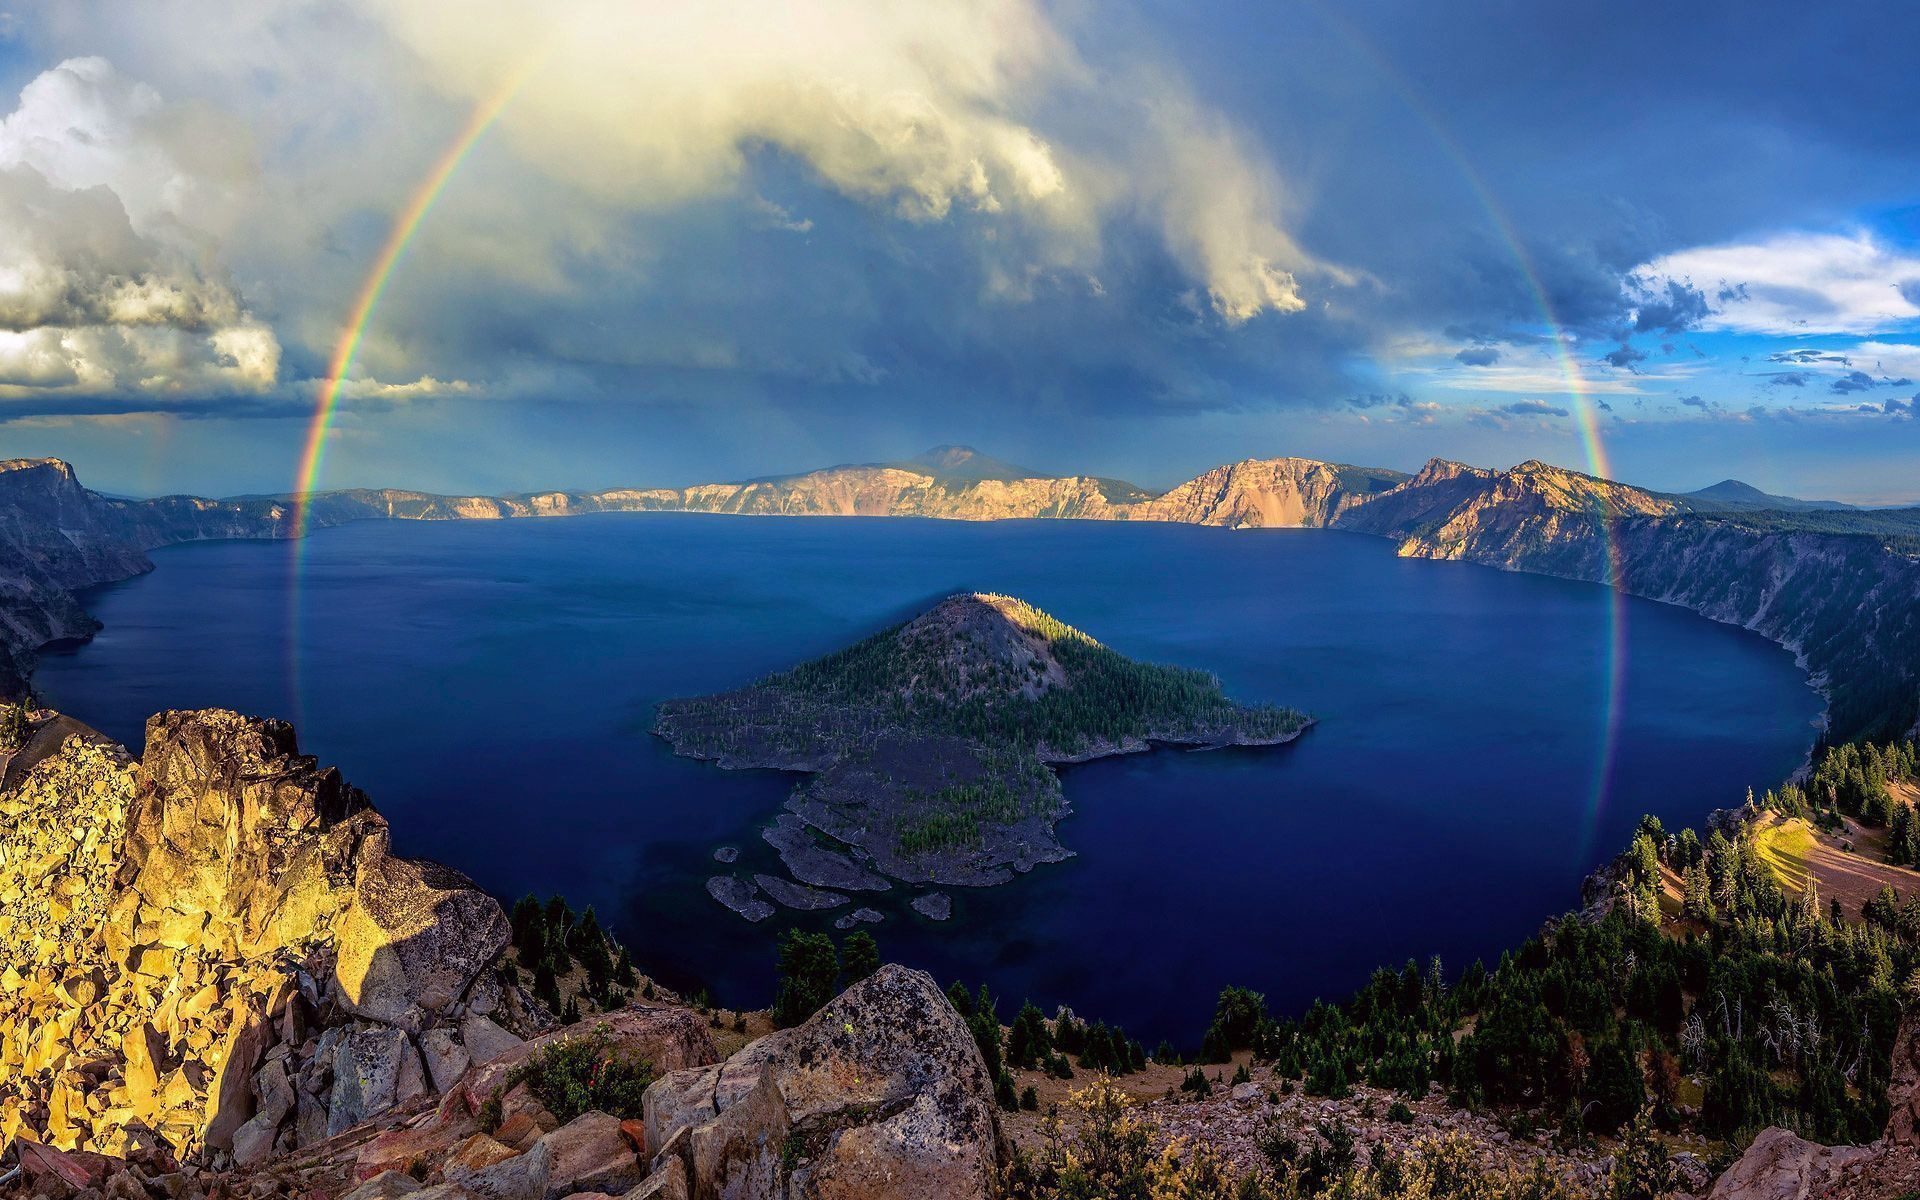 Crater Lake (Oregon) | MIRIADNA.COM #craterlakeoregon Crater Lake (Oregon) | MIRIADNA.COM #craterlakeoregon Crater Lake (Oregon) | MIRIADNA.COM #craterlakeoregon Crater Lake (Oregon) | MIRIADNA.COM #craterlakeoregon Crater Lake (Oregon) | MIRIADNA.COM #craterlakeoregon Crater Lake (Oregon) | MIRIADNA.COM #craterlakeoregon Crater Lake (Oregon) | MIRIADNA.COM #craterlakeoregon Crater Lake (Oregon) | MIRIADNA.COM #craterlakeoregon Crater Lake (Oregon) | MIRIADNA.COM #craterlakeoregon Crater Lake (O #craterlakeoregon